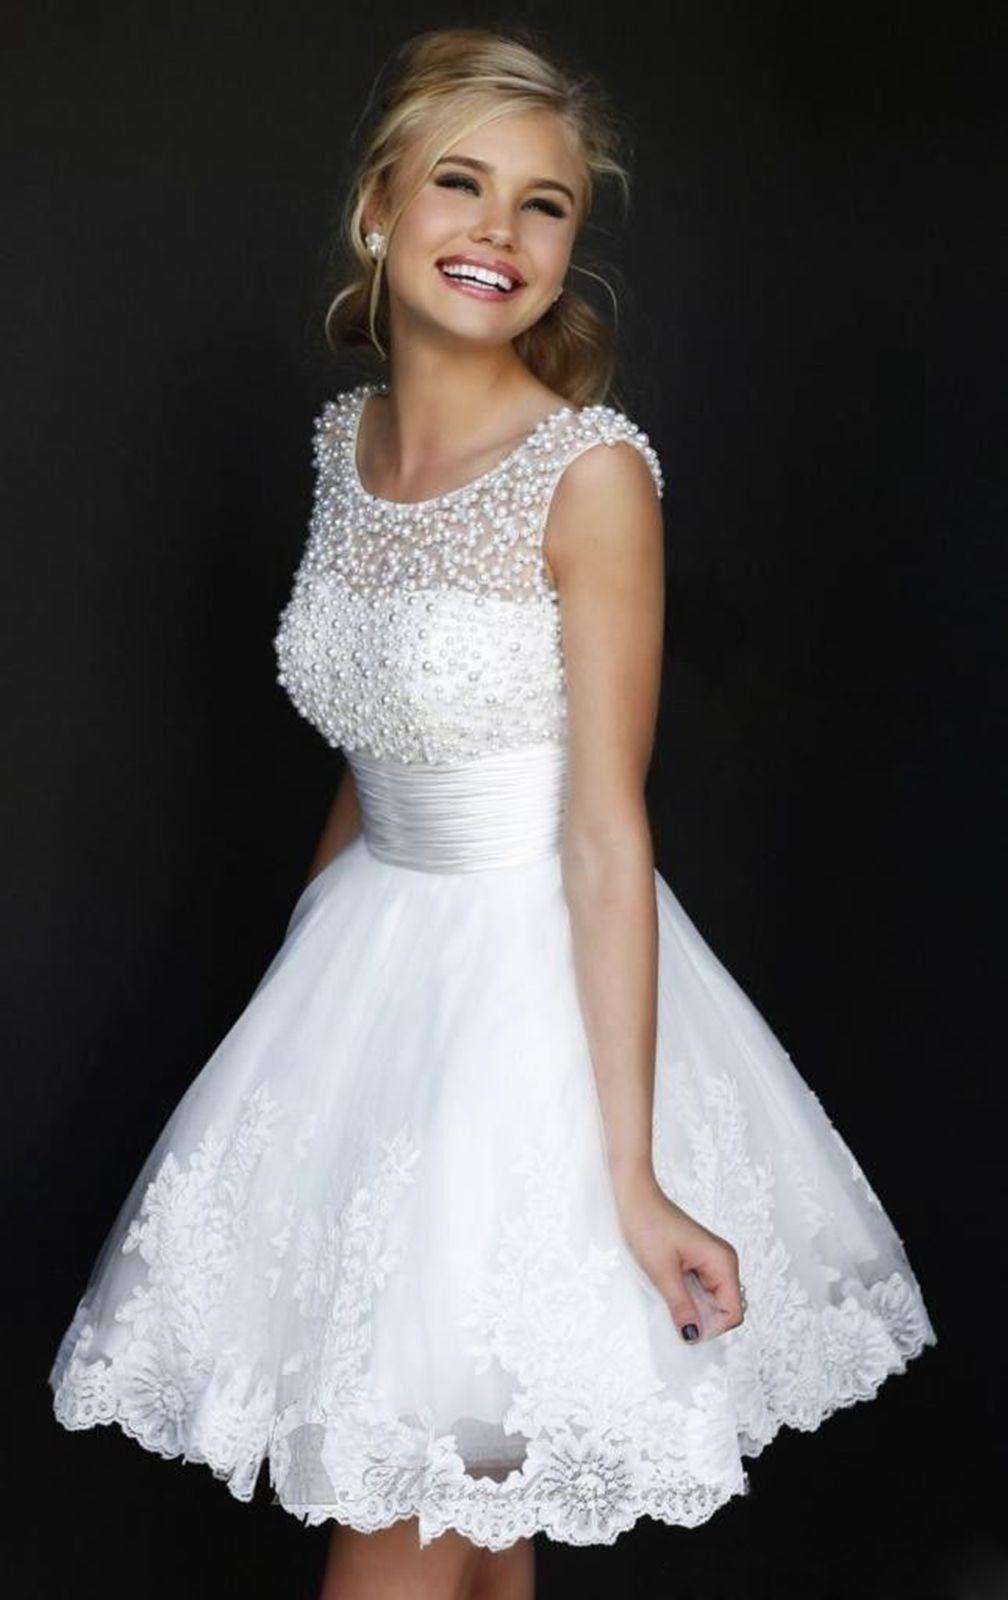 Abend Wunderbar Abendkleid Weiß Kurz GalerieFormal Erstaunlich Abendkleid Weiß Kurz für 2019